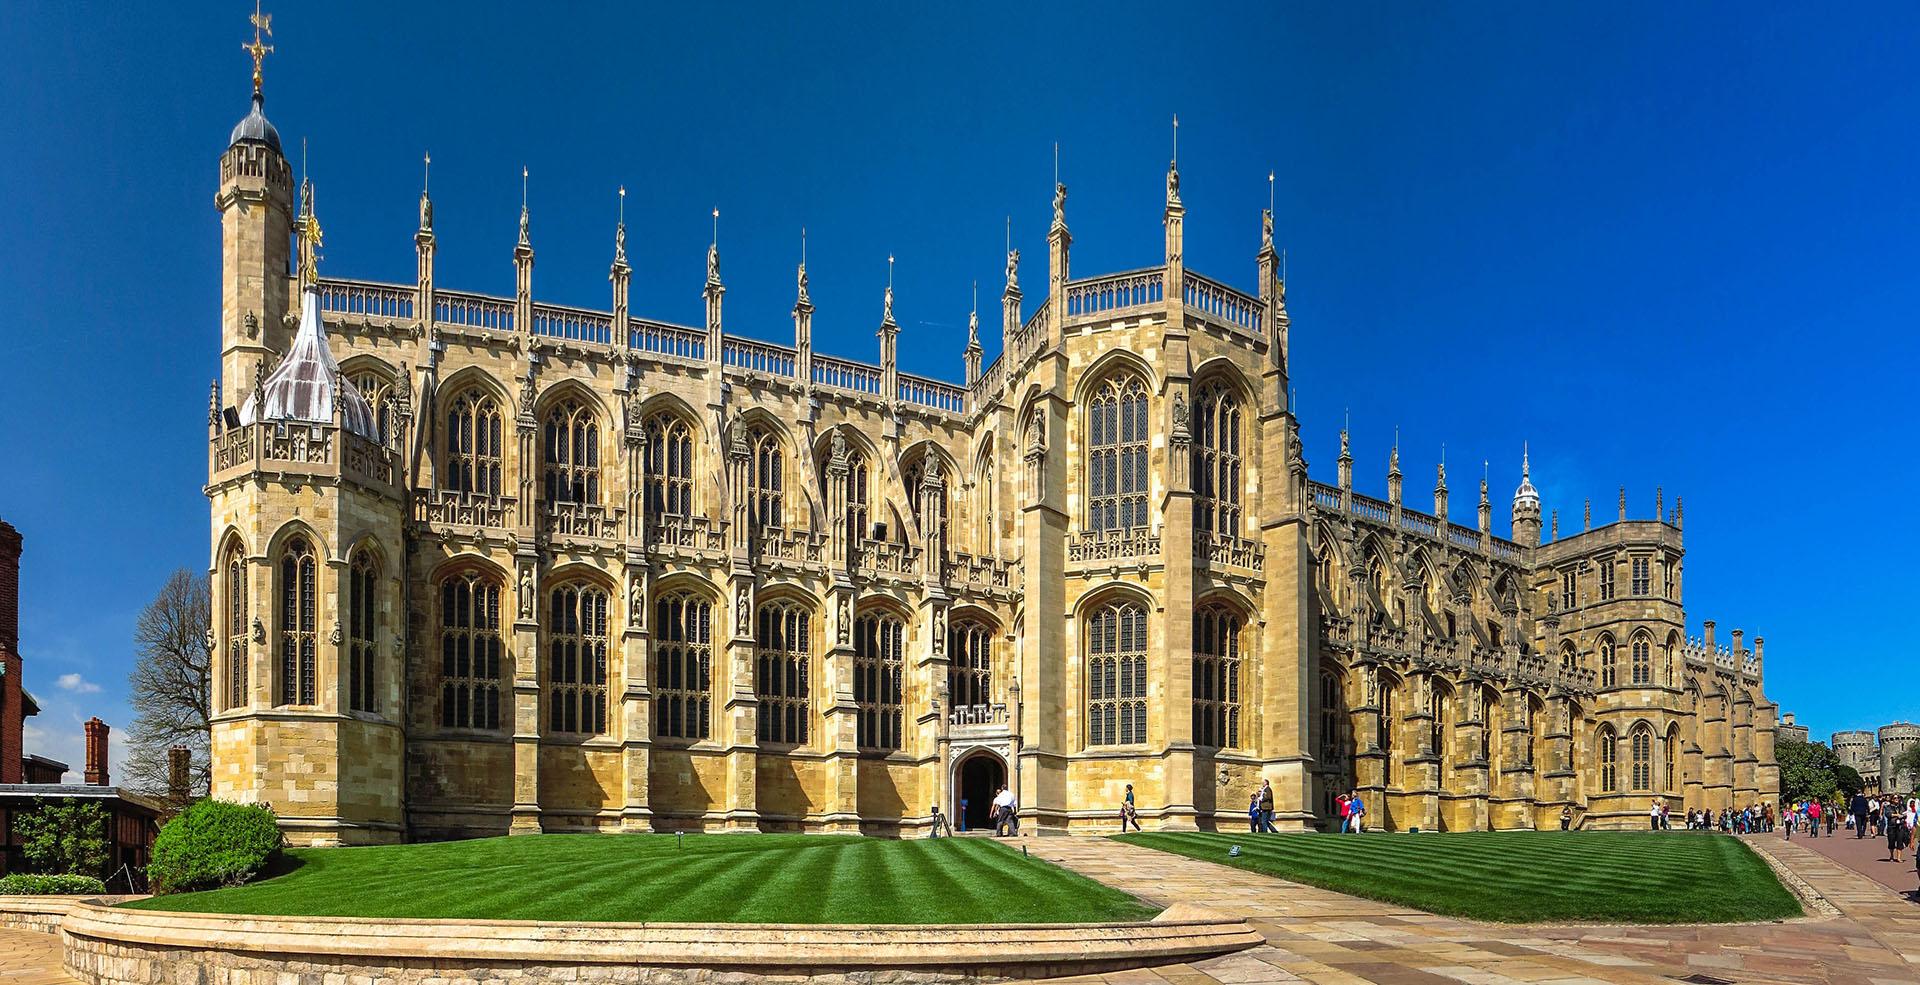 El Castillo de Windsor es un palacio y residencia real situado en Windsor, en el condado de Berkshire, Reino Unido. Es reconocido por su antigua relación con la Familia Real Británica y por su arquitectura